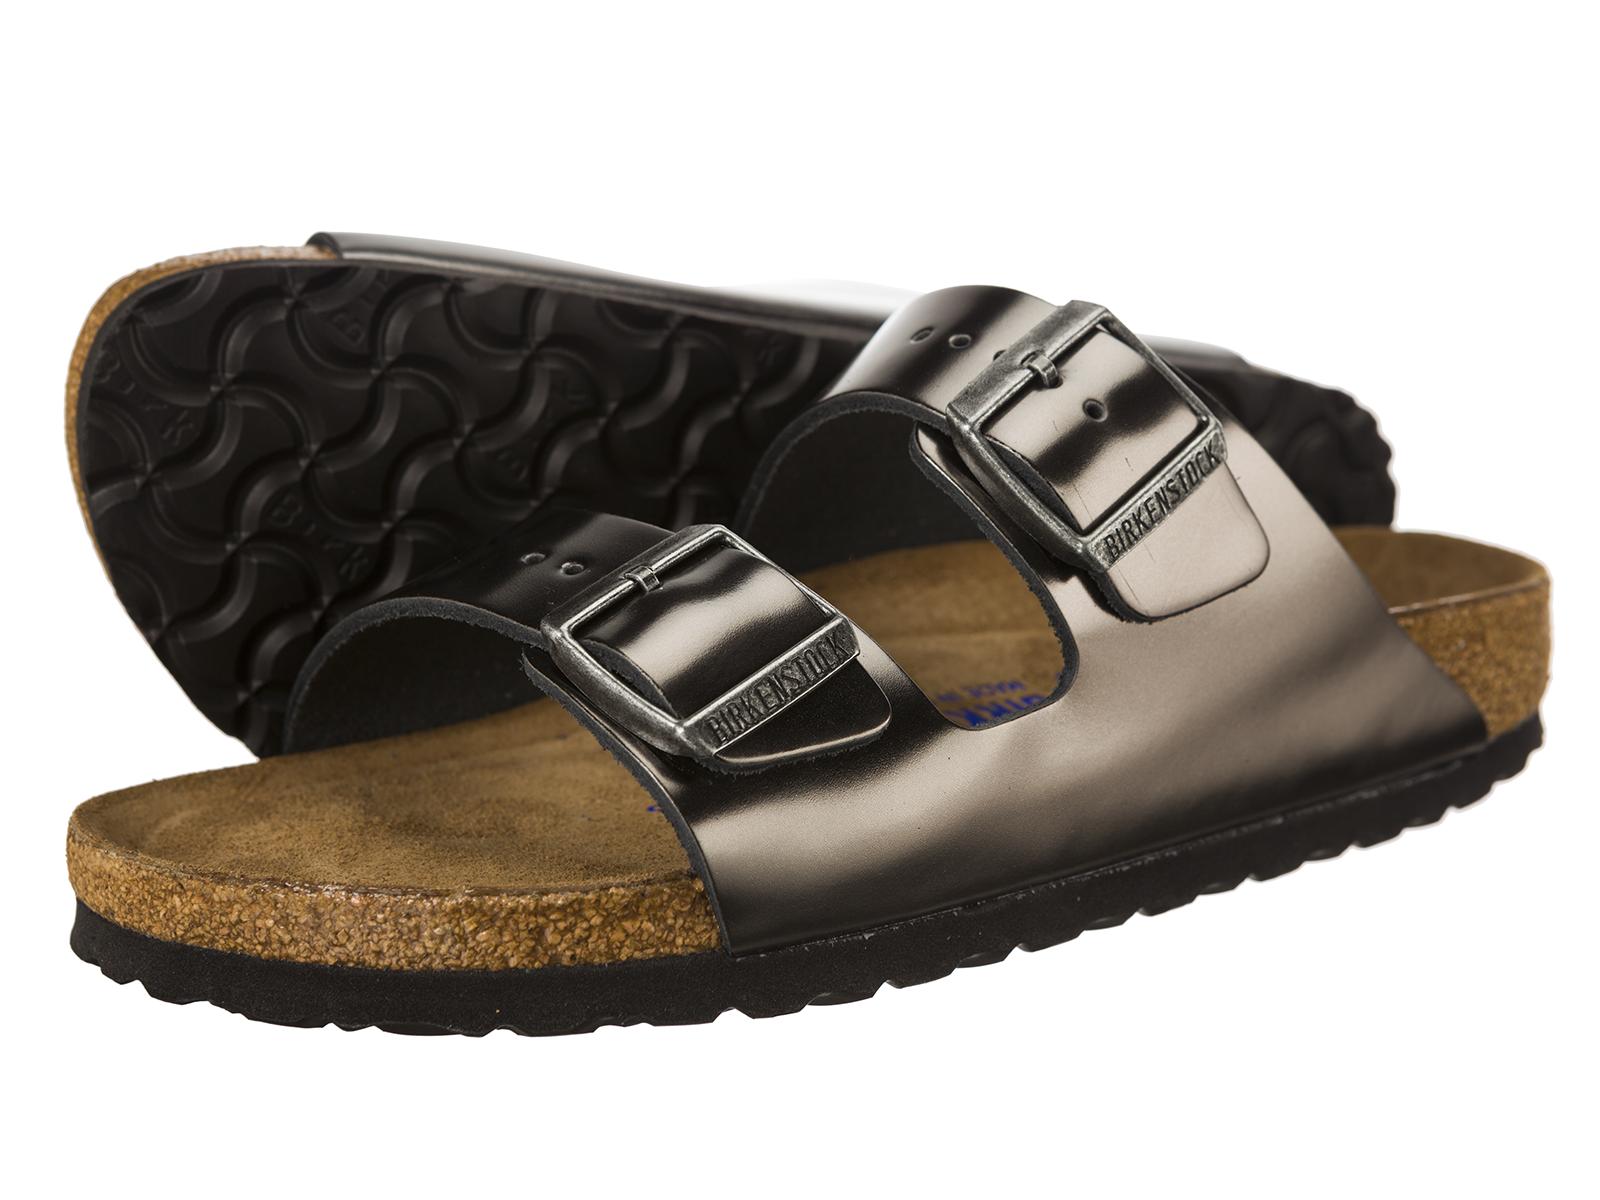 birkenstock originals madrid damen sandalen sommerschuhe. Black Bedroom Furniture Sets. Home Design Ideas